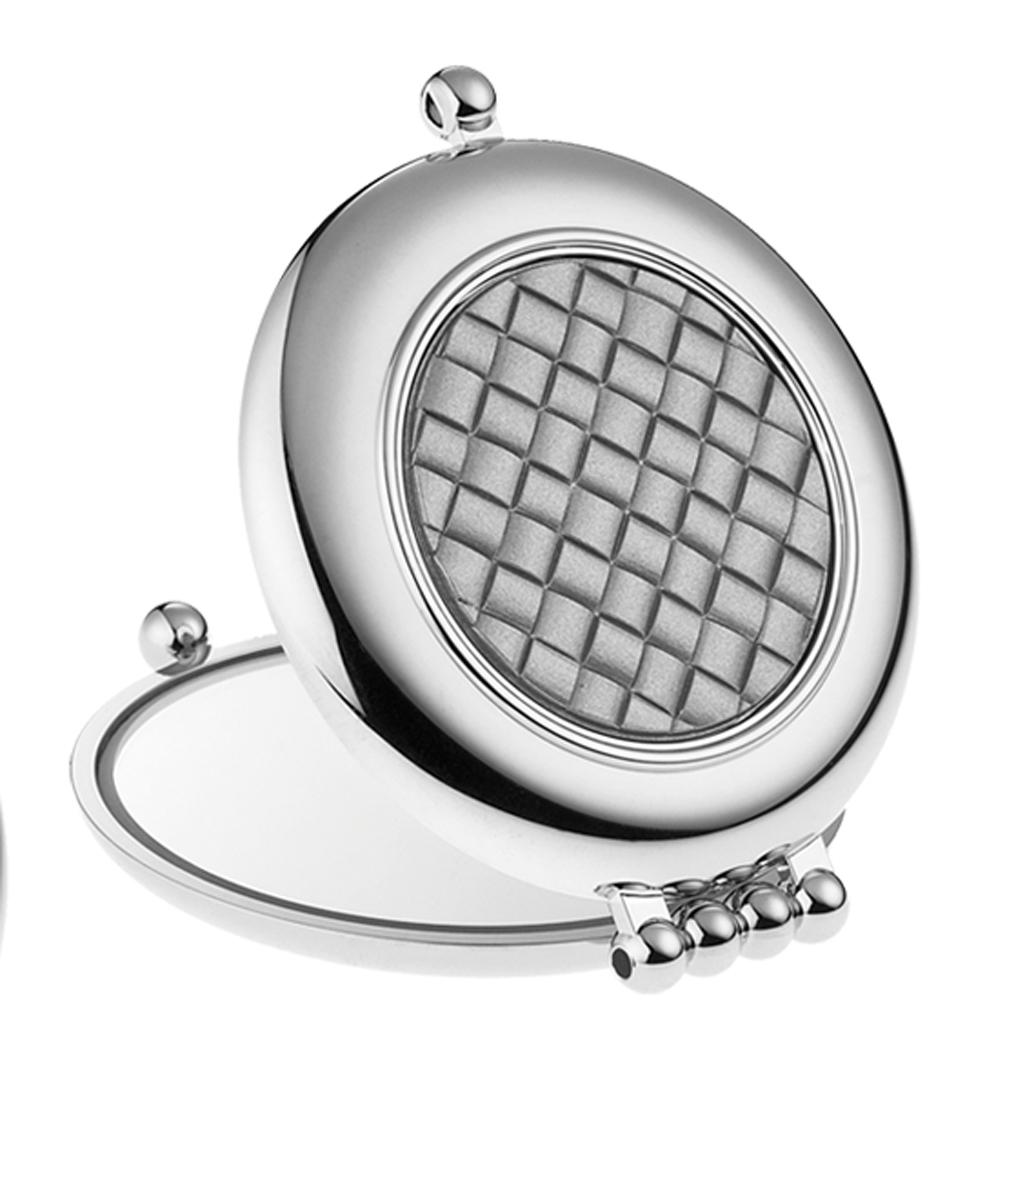 Janeke Зеркало для сумки D65, CR484.3T6.12-017Марка Janeke – мировой лидер по производству расчесок, щеток, маникюрных принадлежностей, зеркал и косметичек. Марка Janeke, основанная в 1830 году, вот уже почти 180 лет поддерживает непревзойденное качество своей продукции, сочетая новейшие технологии с традициями ста- рых миланских мастеров. Все изделия на 80% производятся вручную, а инновационные технологии и современные материалы делают продукцию марки поистине уникальной. Стильный и эргономичный дизайн, яркие цветовые решения – все это приносит истин- ное удовольствие от использования аксессуаров Janeke. Компактные зеркала Janeke имеют линзы с обычным и трехкратным увеличением, которые позволяют быстро и легко поправить макияж в дороге. А благодаря стильному дизайну и миниатюрному размеру компактное зеркало Janeke станет любимым аксессуаром любой женщины.